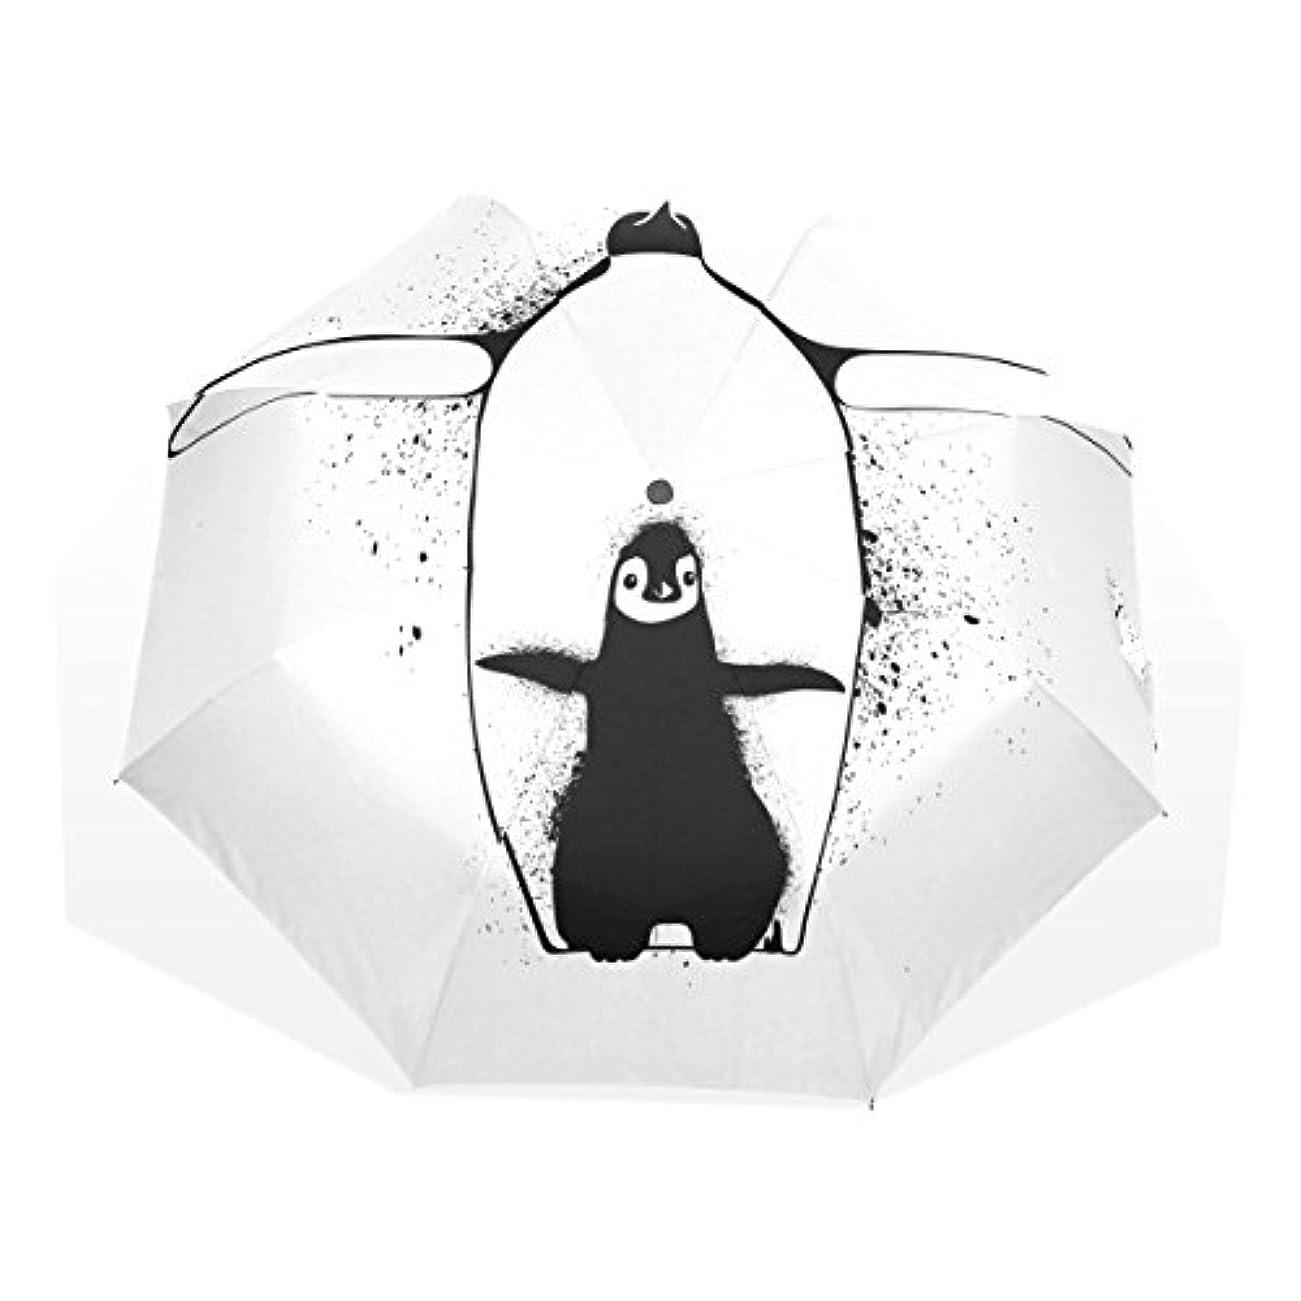 モック個人的に基礎AOMOKI 折りたたみ傘 折り畳み傘 日傘 手開 UVカットき 三つ折り 晴雨兼用 梅雨対策 耐強風 8本骨 男女兼用 ペンギン かわいい 親子